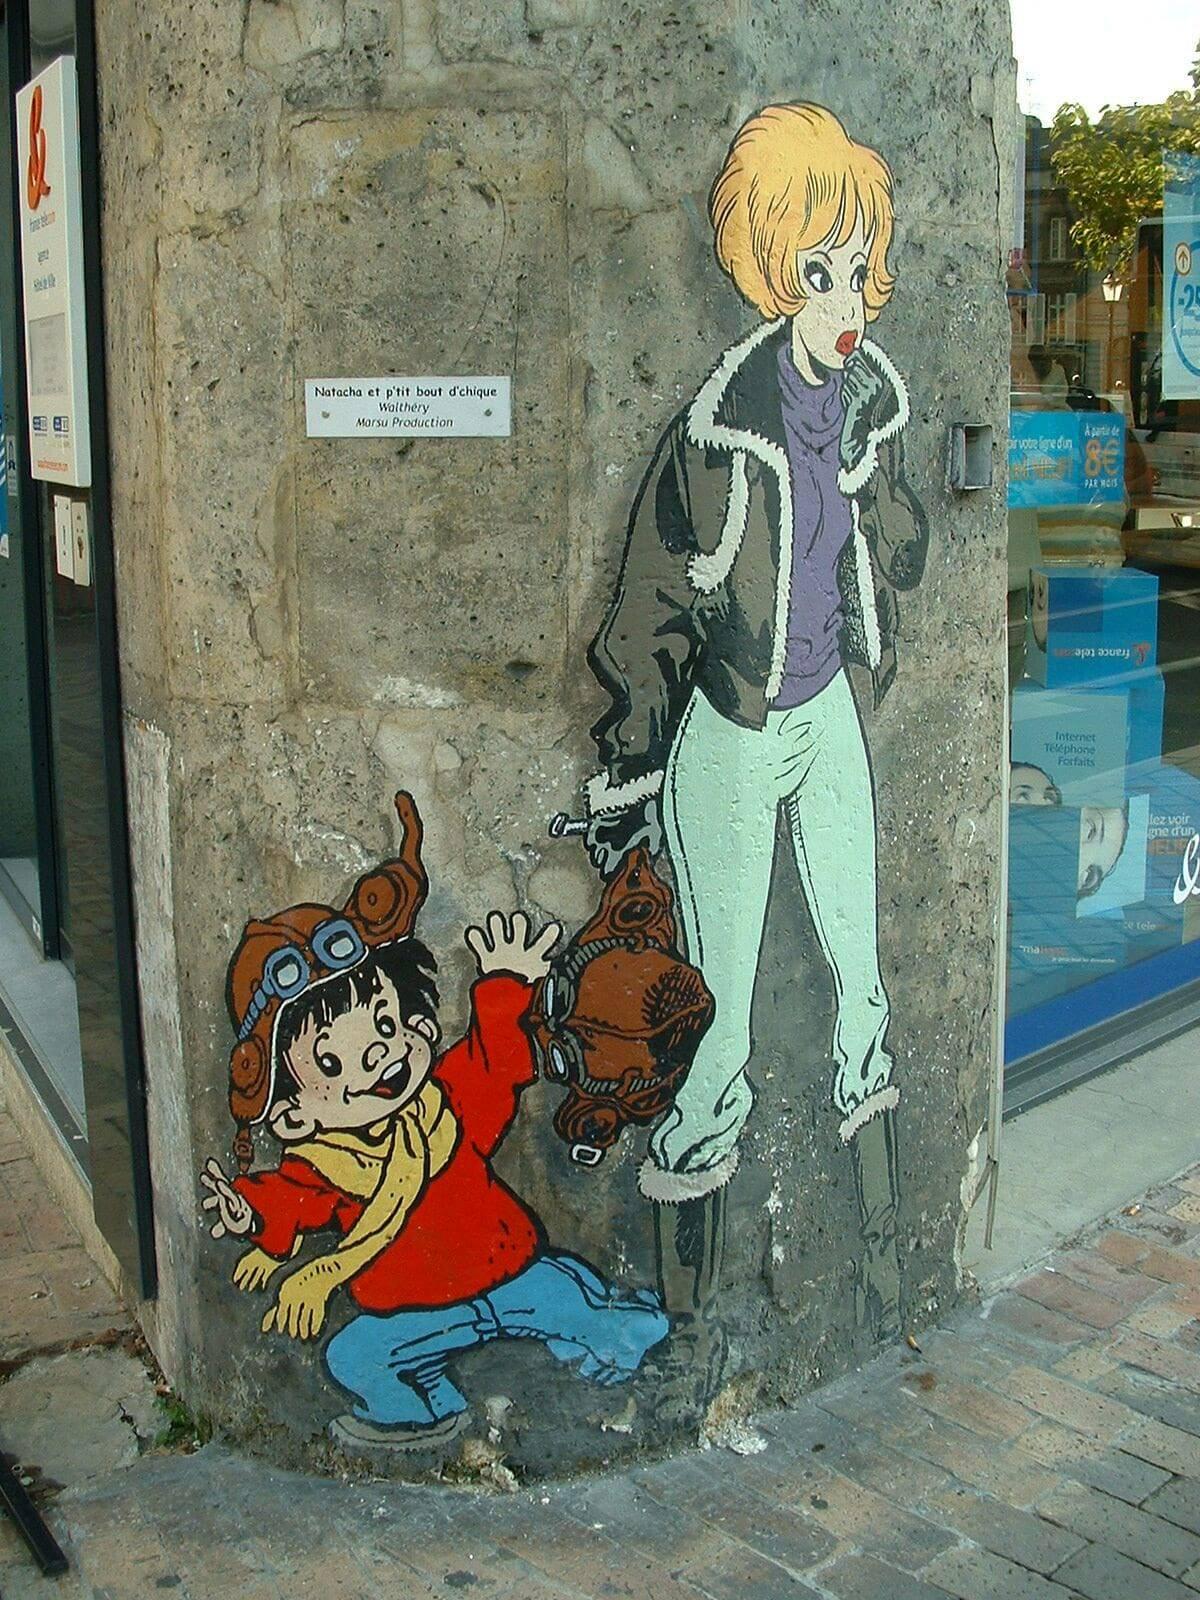 Mur peint - Natacha et p'tit bout d'chique